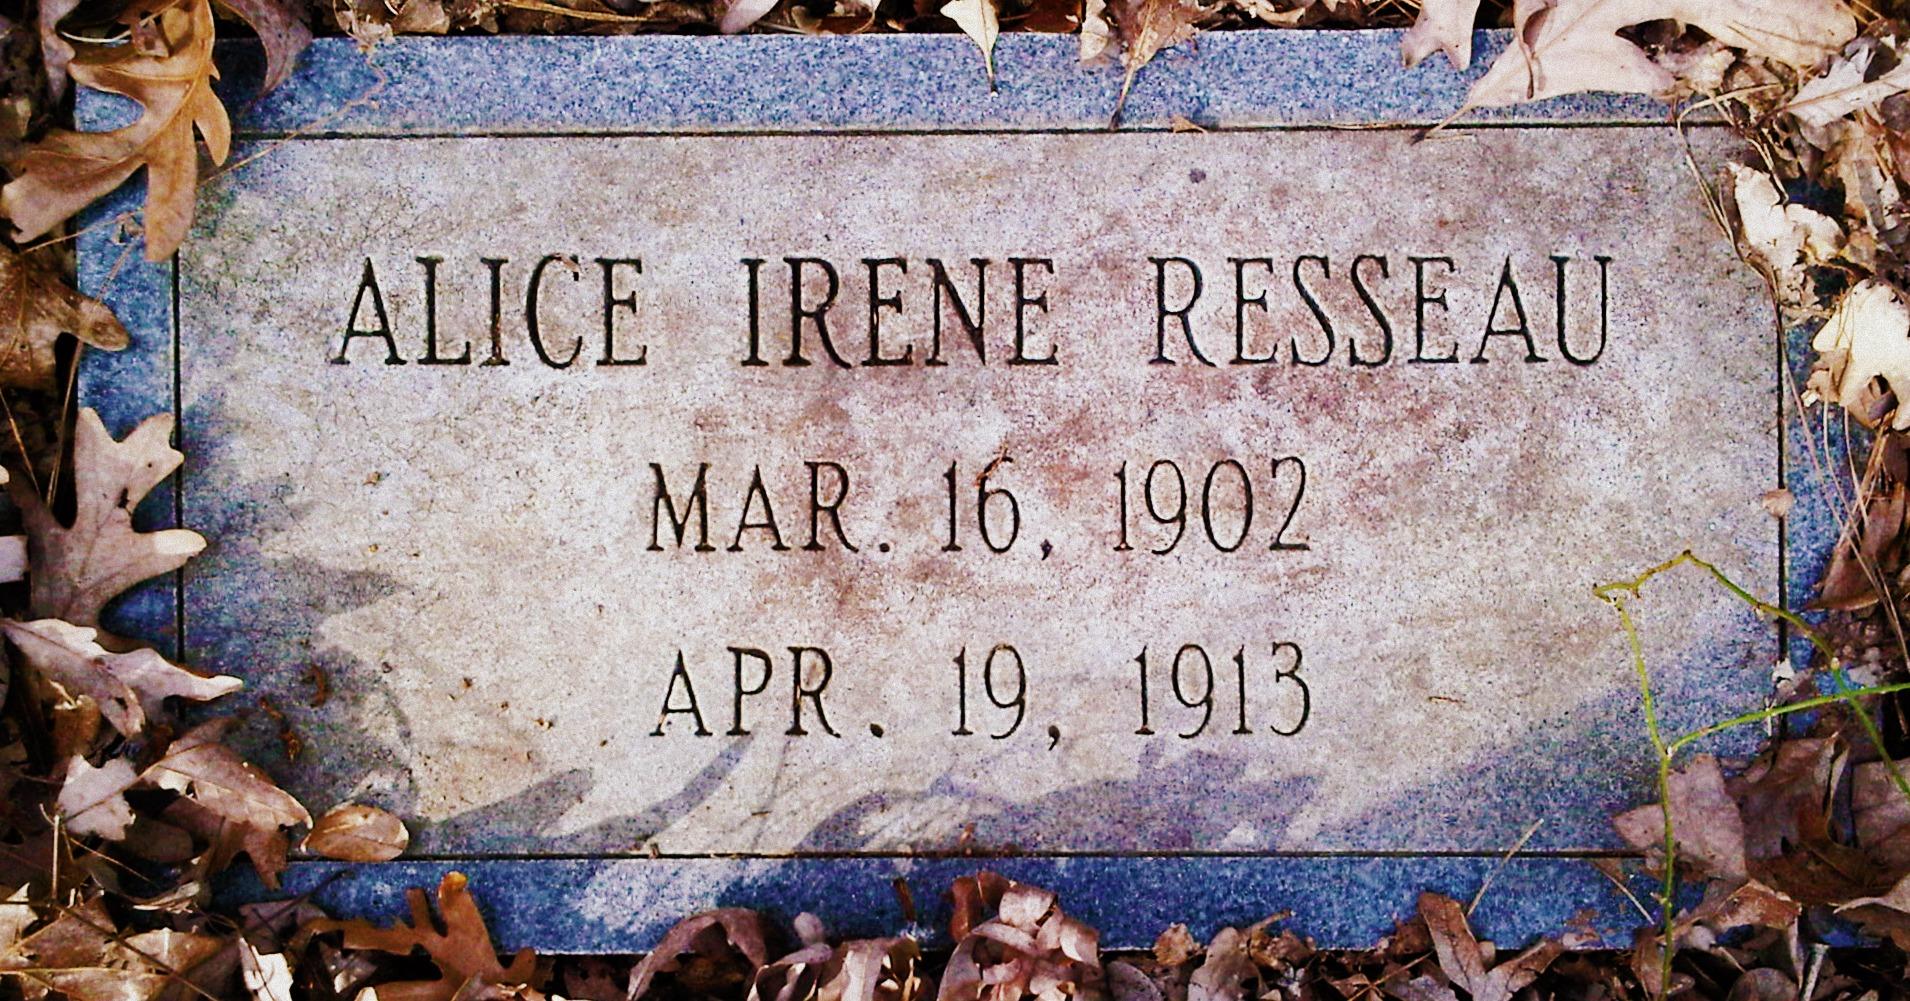 Alice Irene Resseau